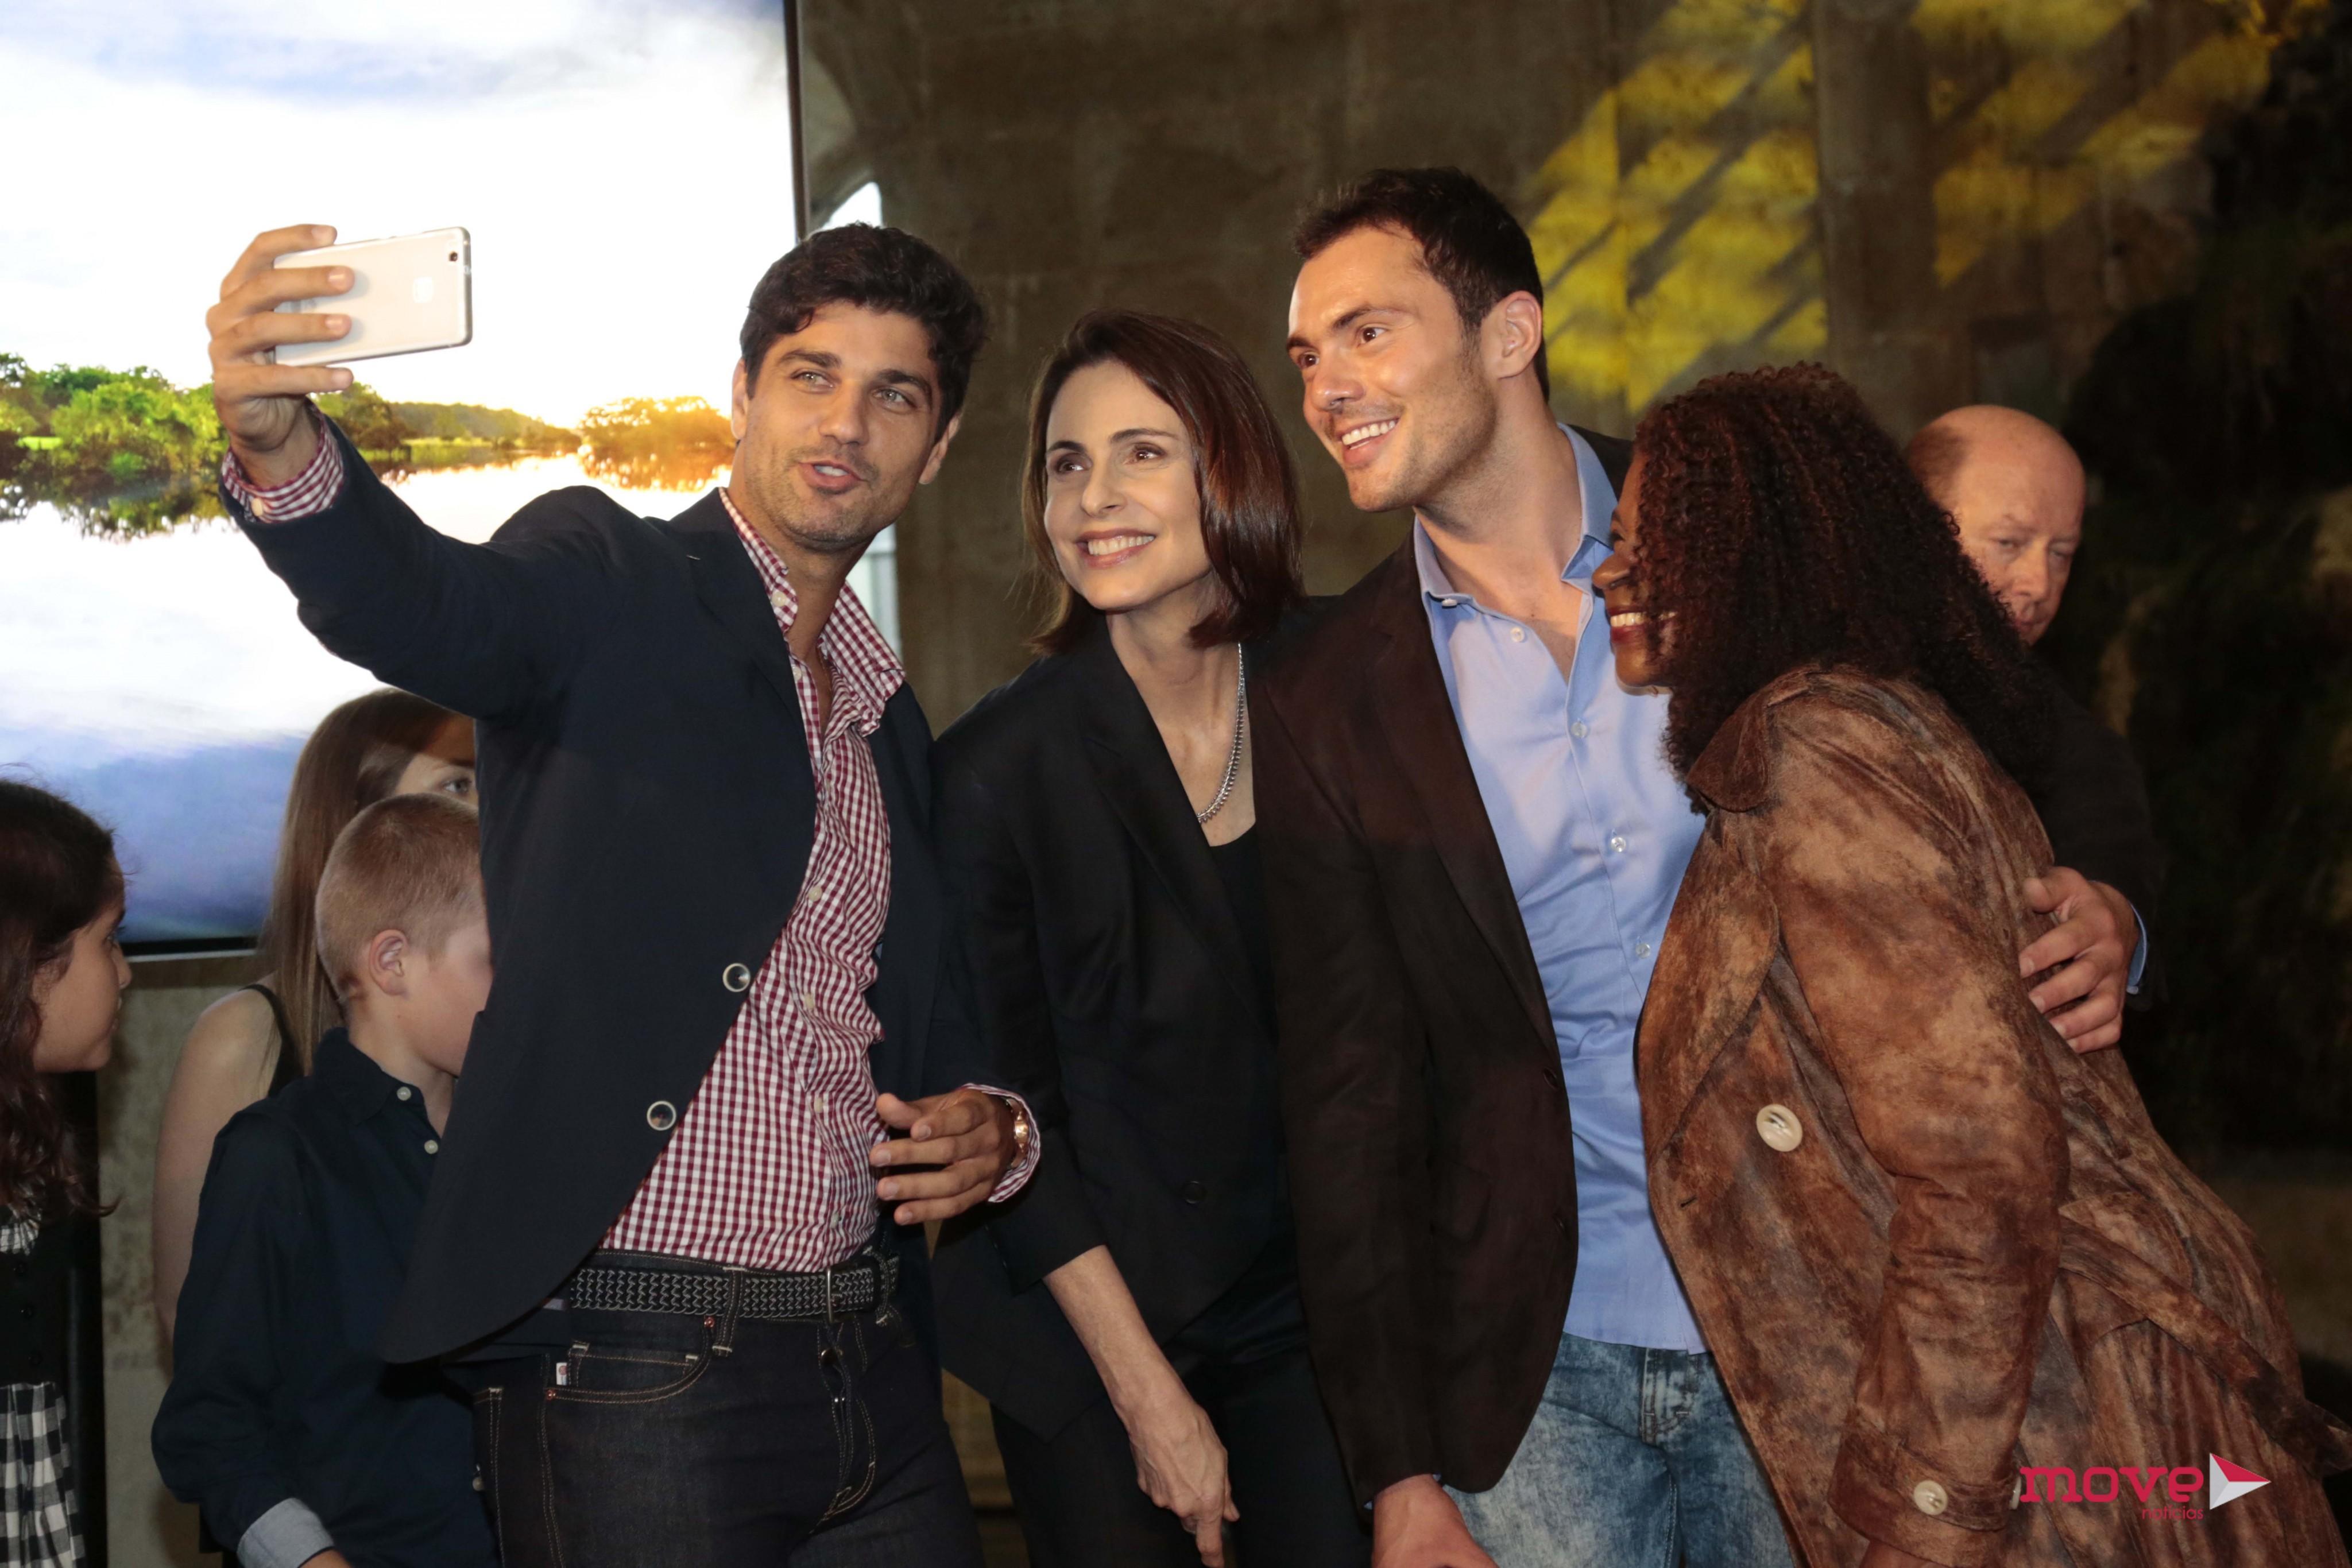 Fotos: TVI apresenta elenco da próxima novela  Um luxo